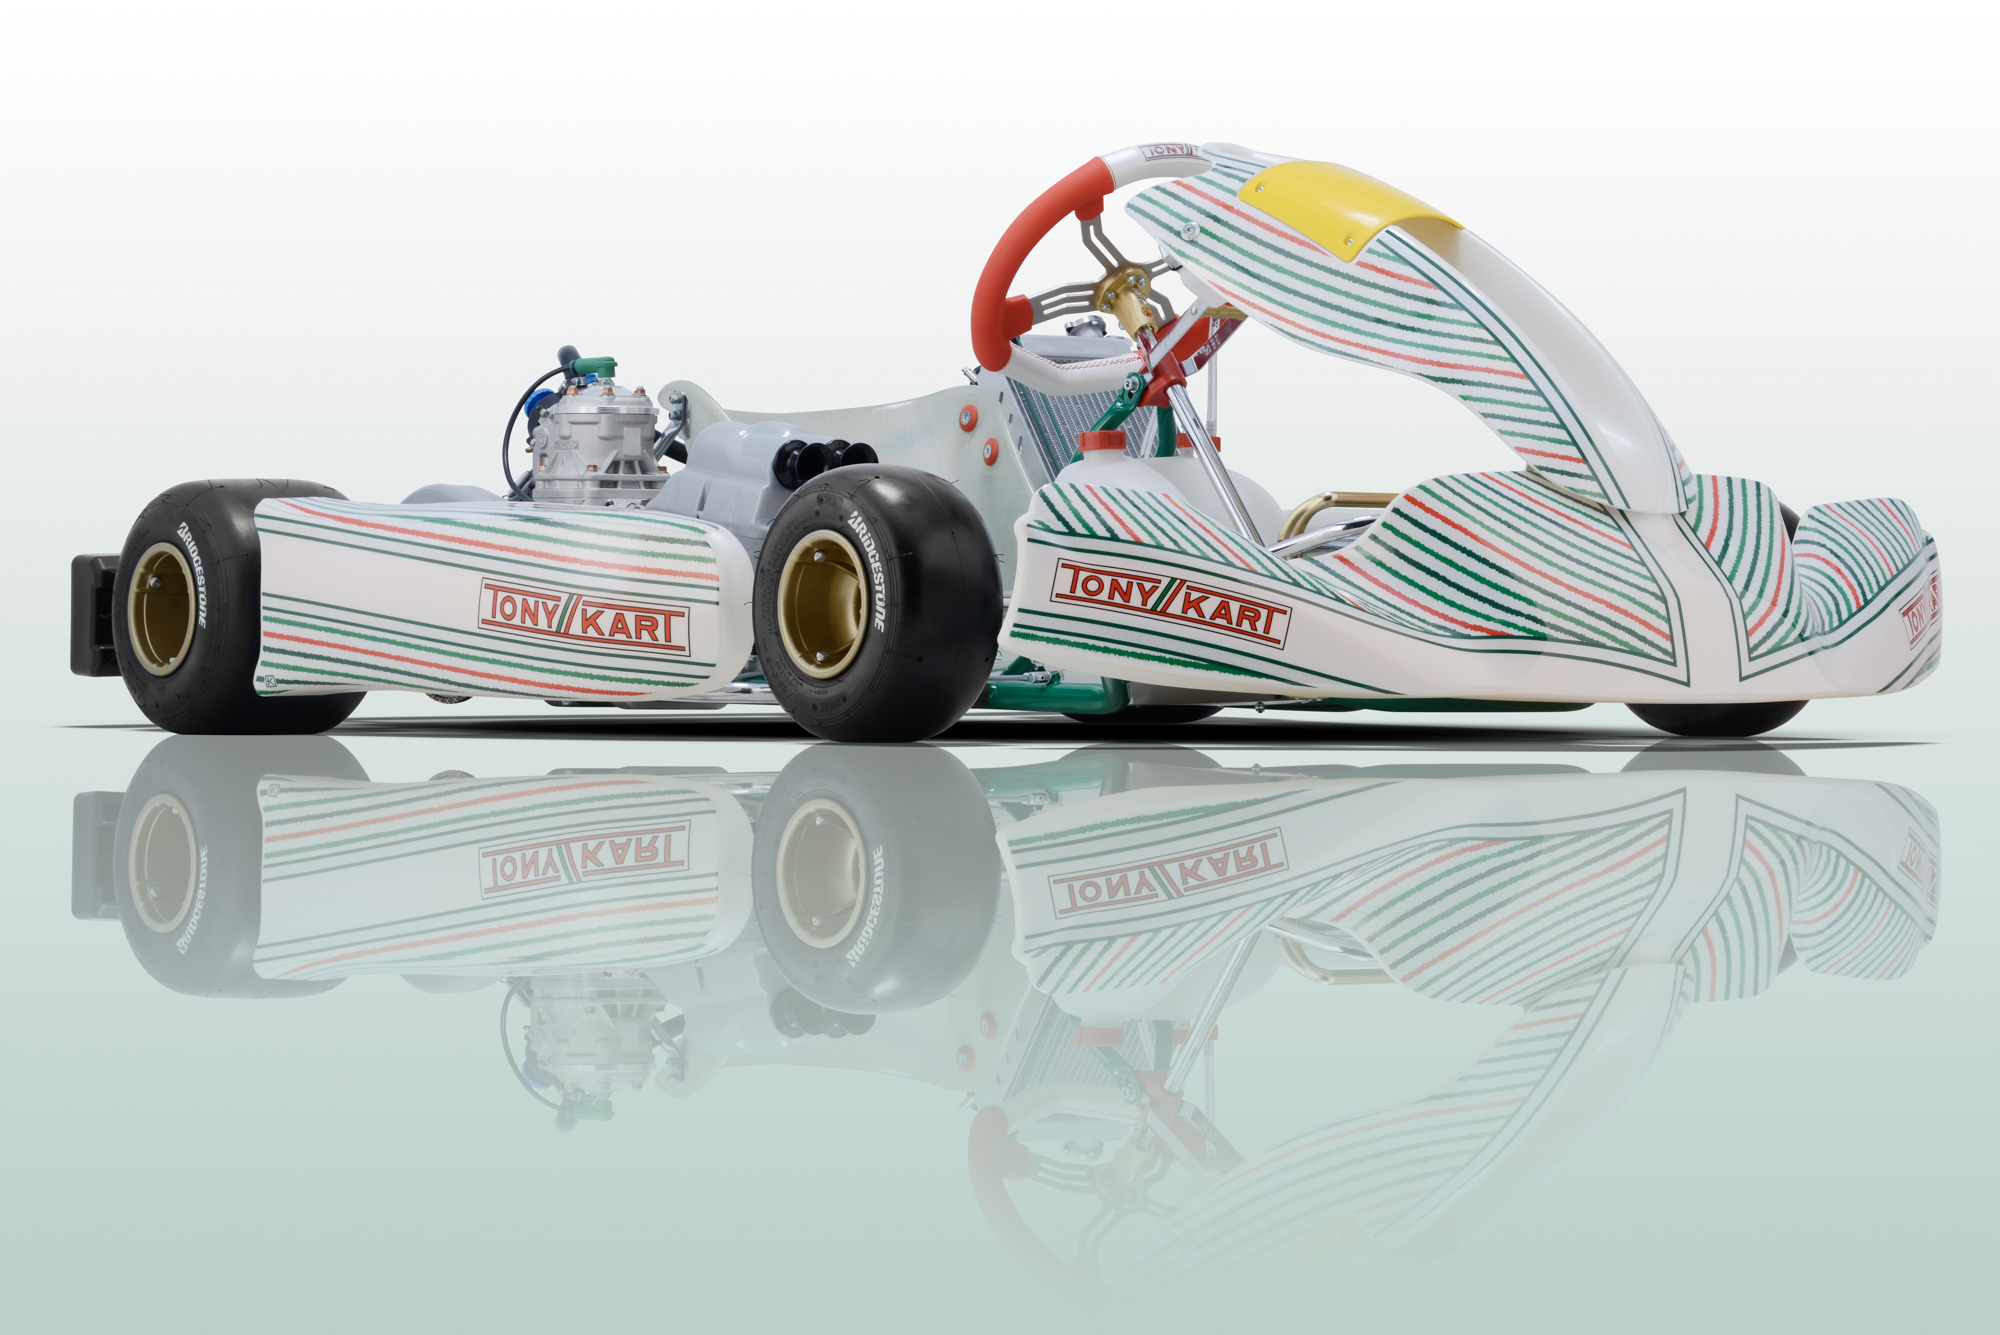 Z11.TONYKART RACER 401 R OK